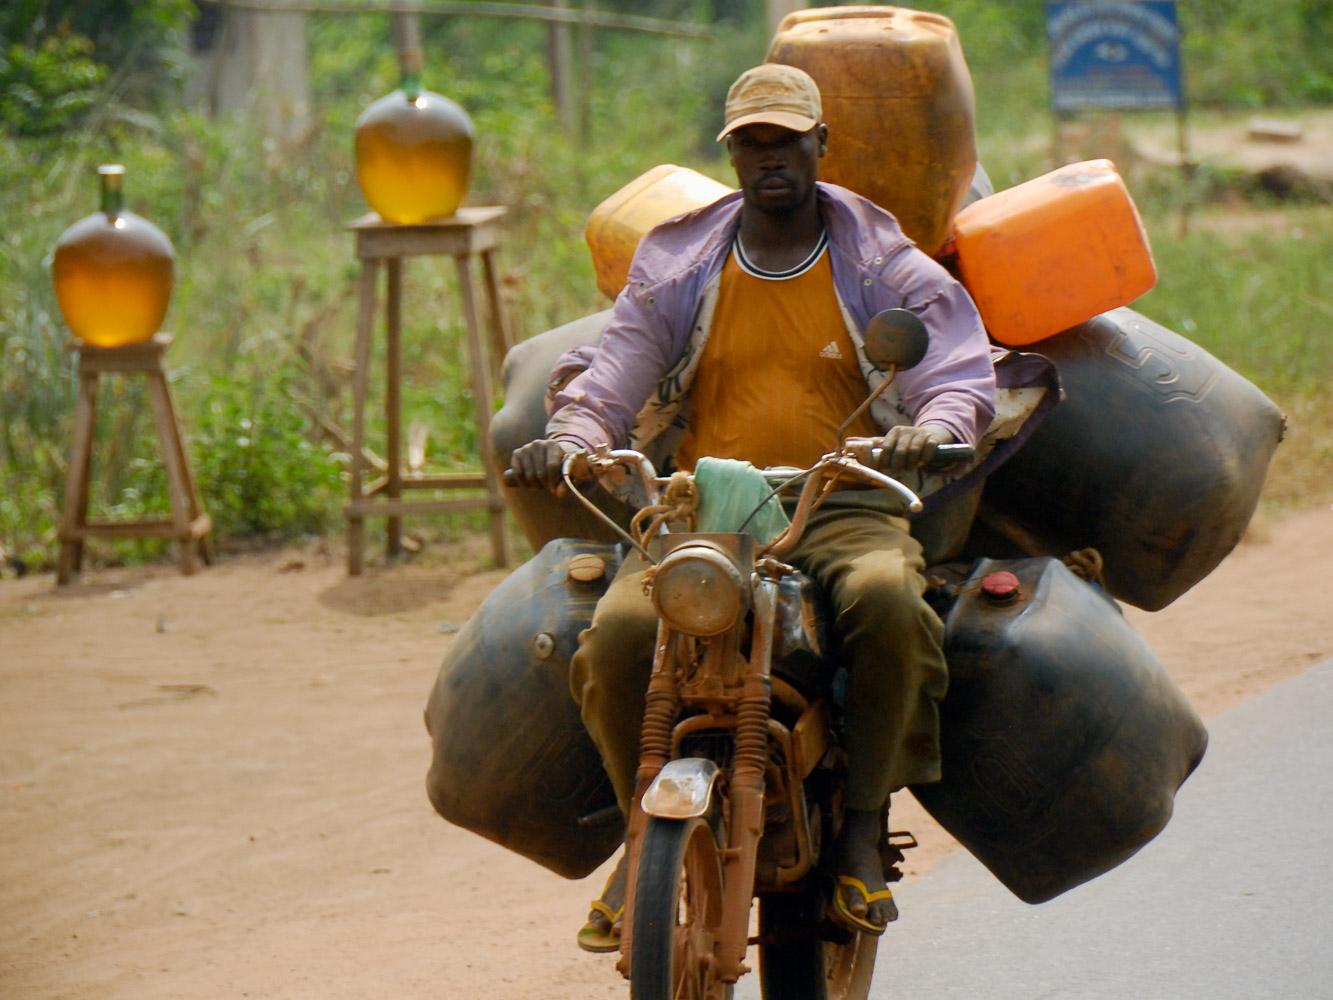 Африканский нелегальный рынок топлива в Того и Бенине